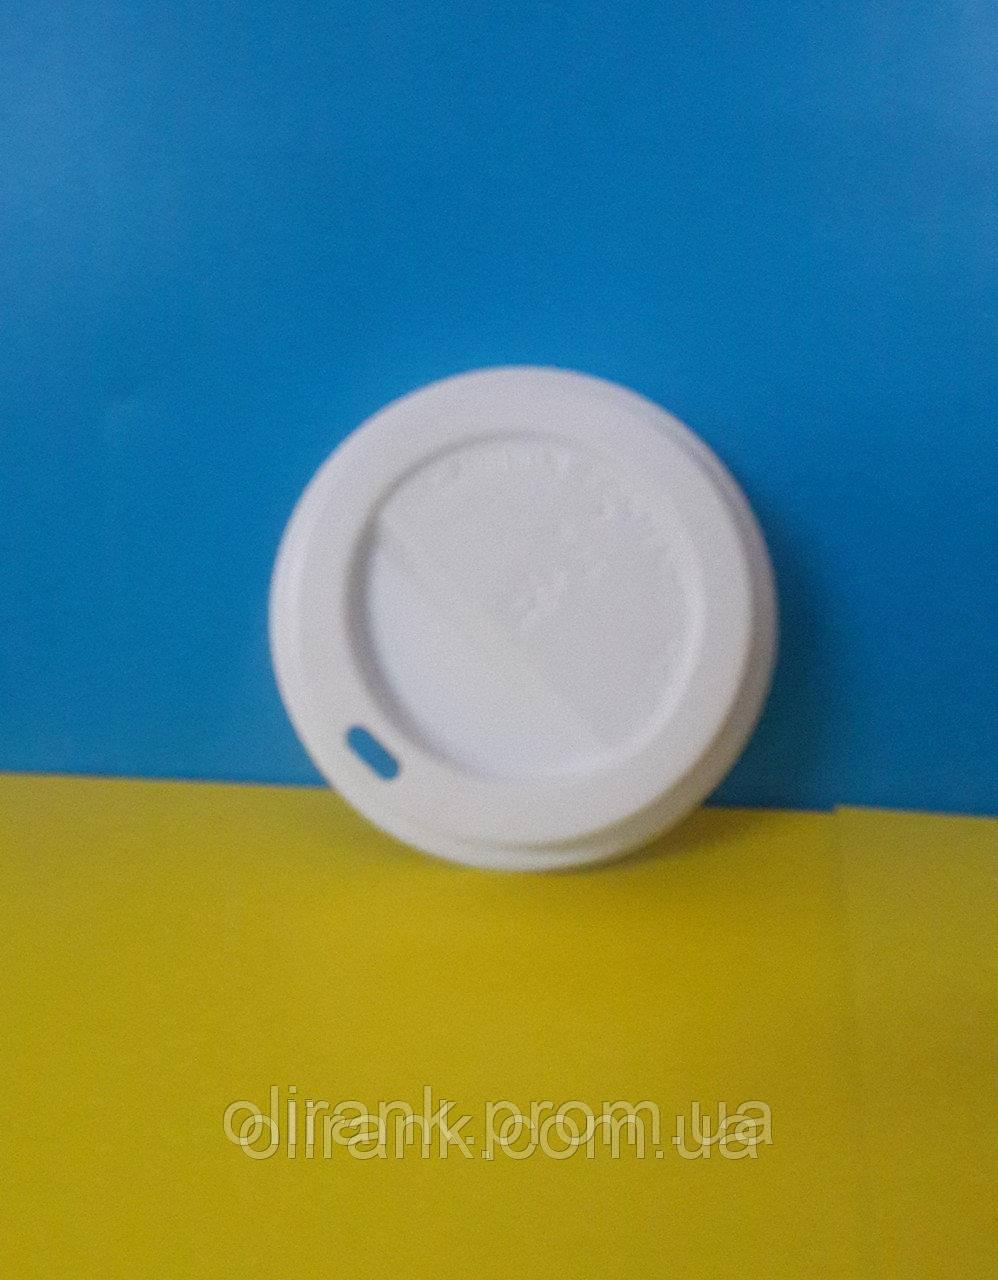 Крышка для бумажного стакана КВ - 93 белая 80шт уп  25уп/ящ (для 500 ст)